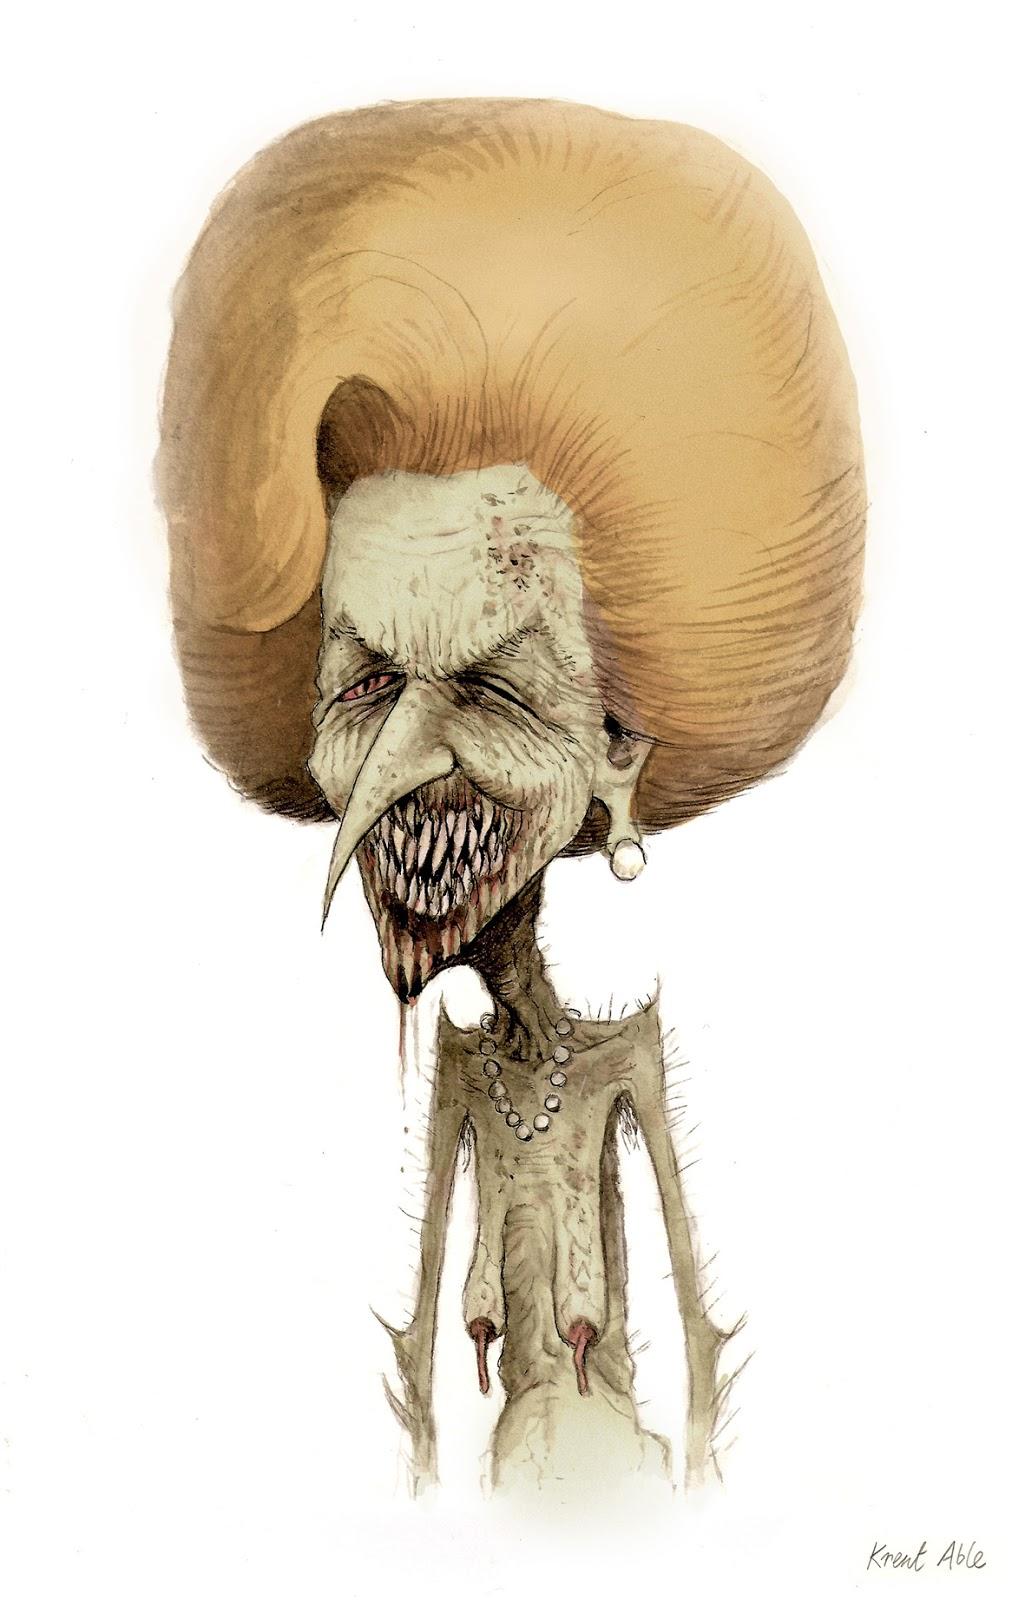 Zombie Thatcher lo res.jpg